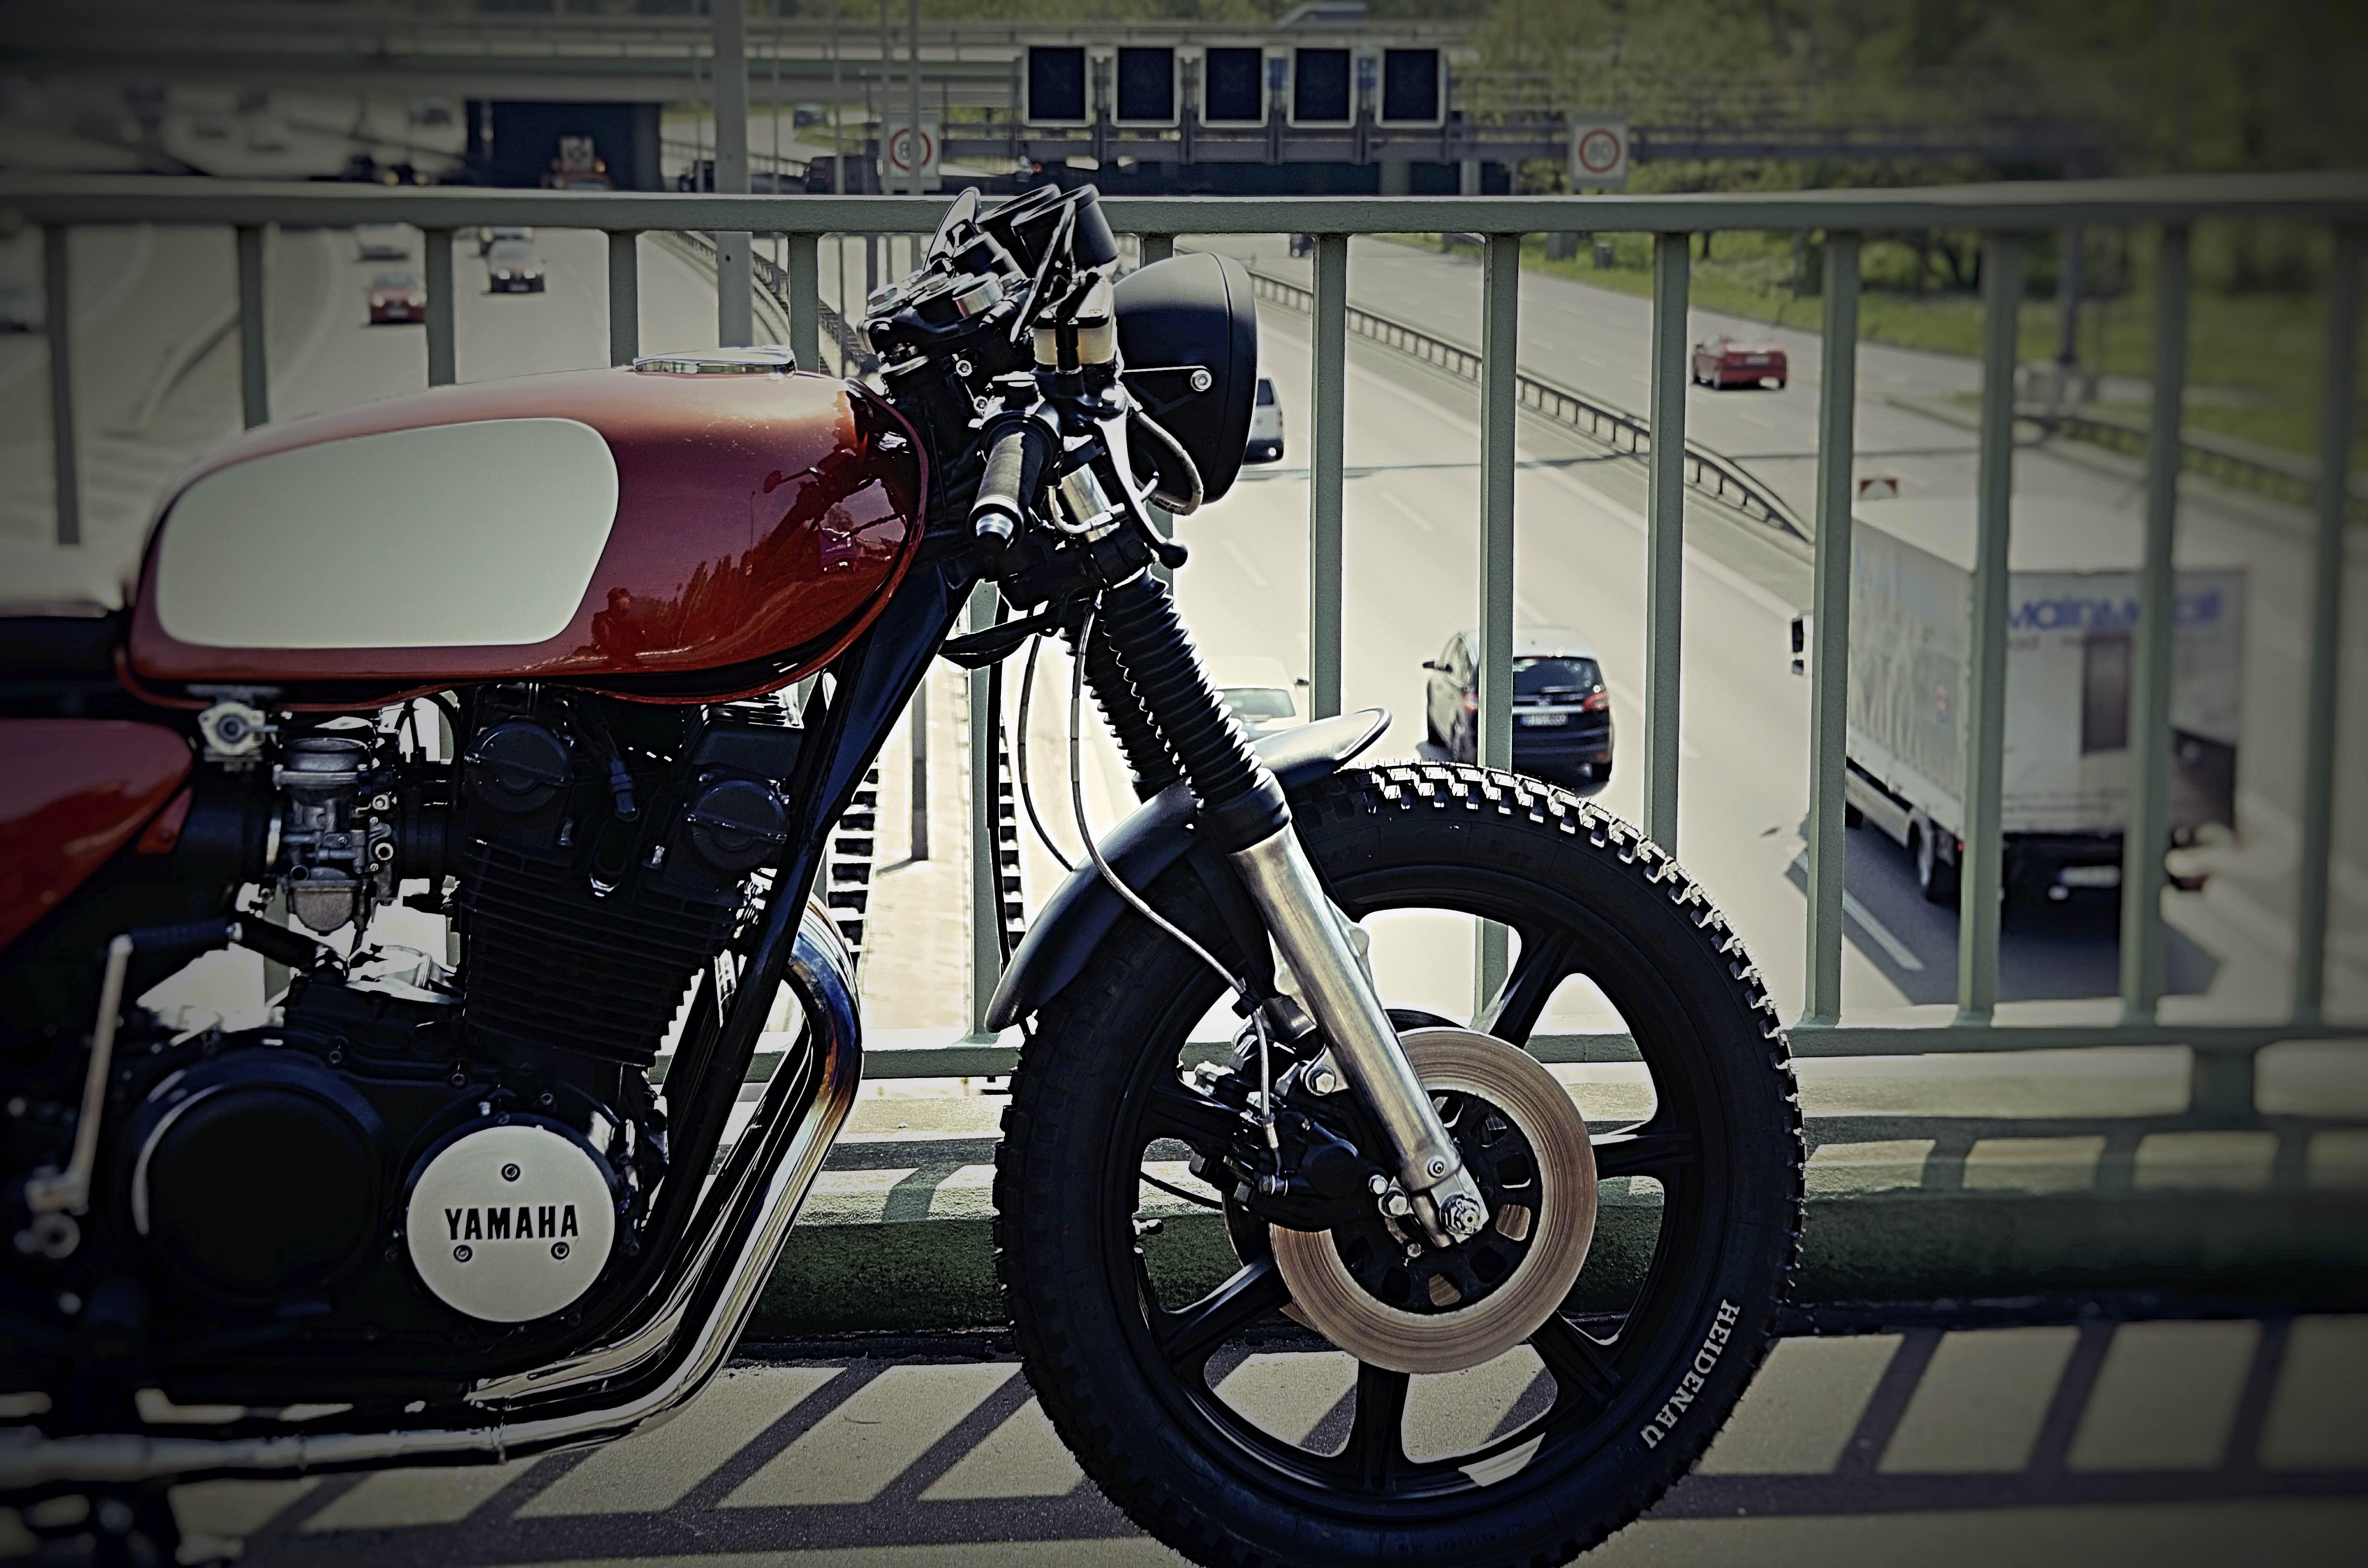 Yamaha XS750 BrownSugar 15